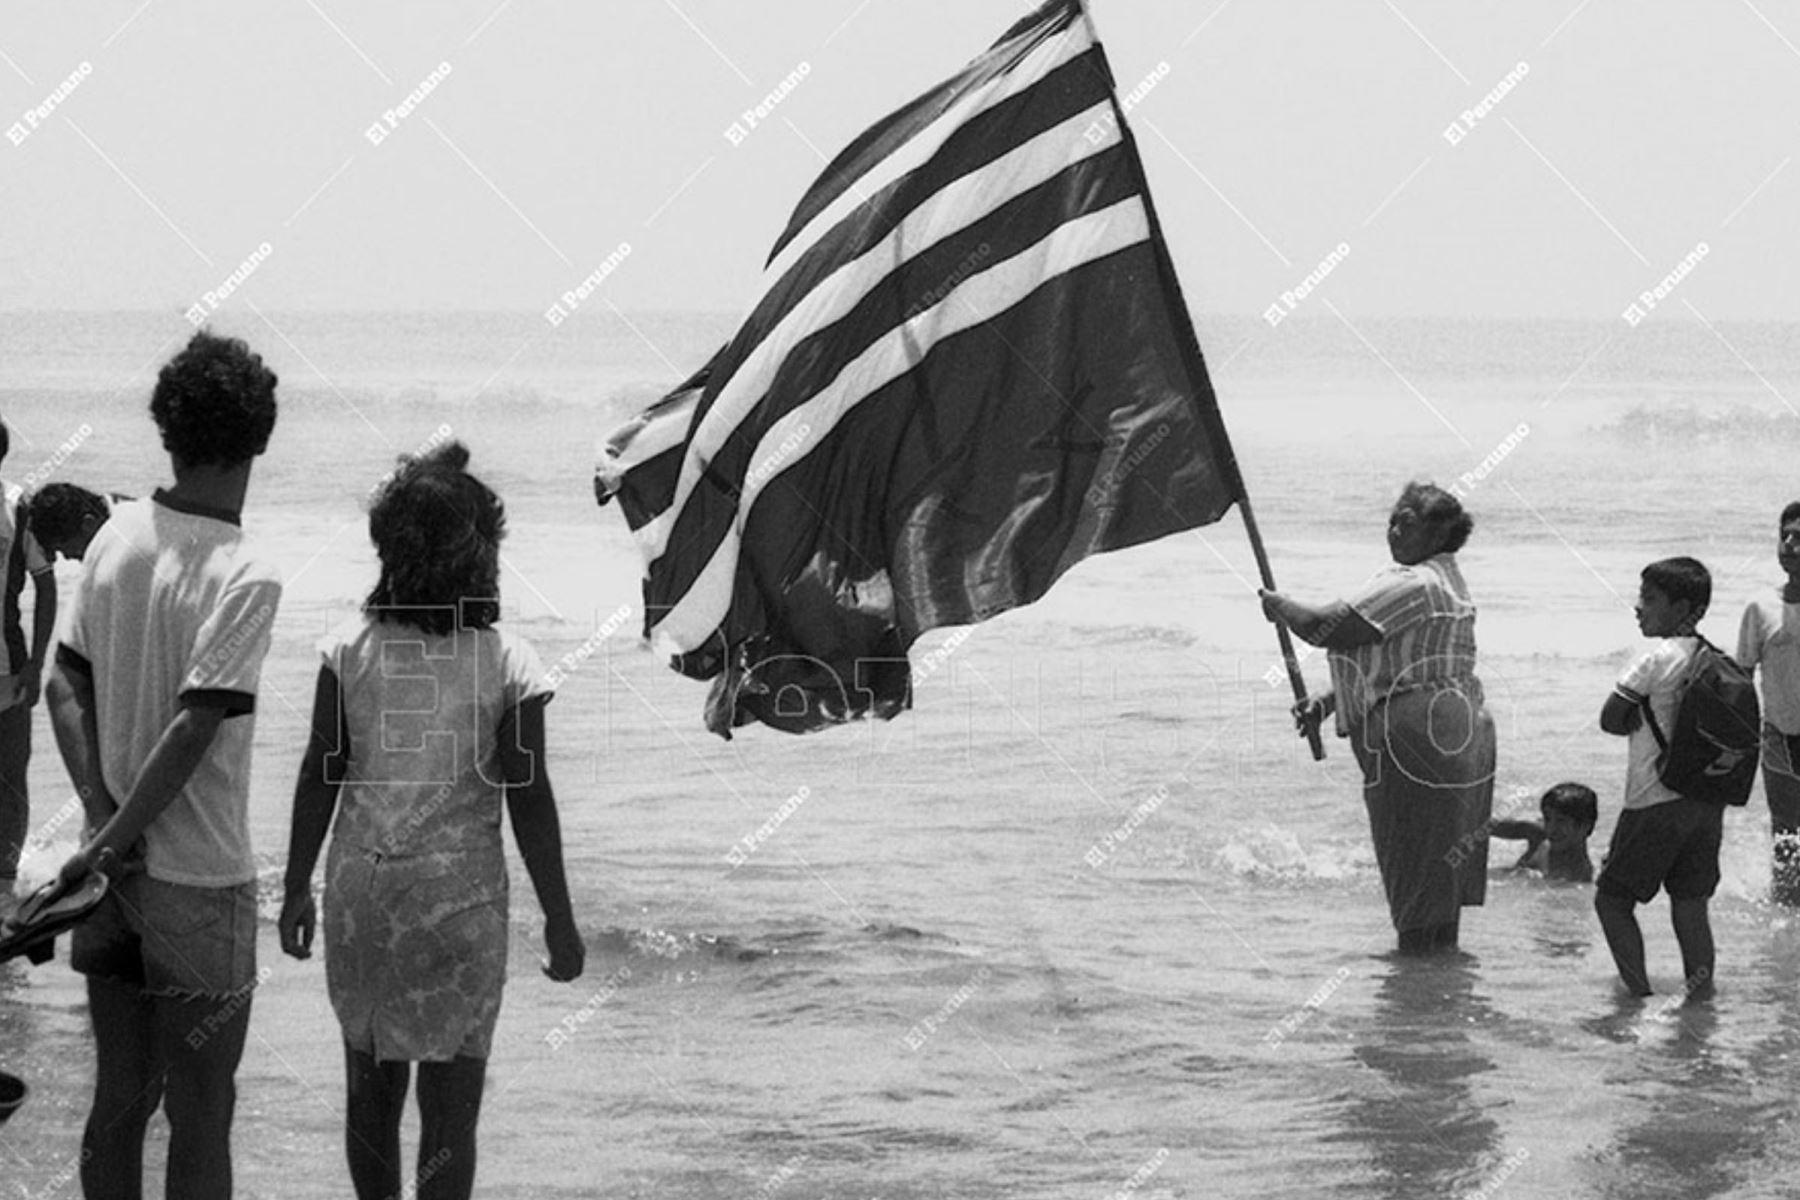 Callao - 9 diciembre 1987 / Familiares e hinchas llegan a la playa de Ventanilla, lugar donde cayó el avión Fokker que trasladaba a los jugadores de Alianza Lima.  Foto: ARCHIVO HISTORICO DE EL PERUANO